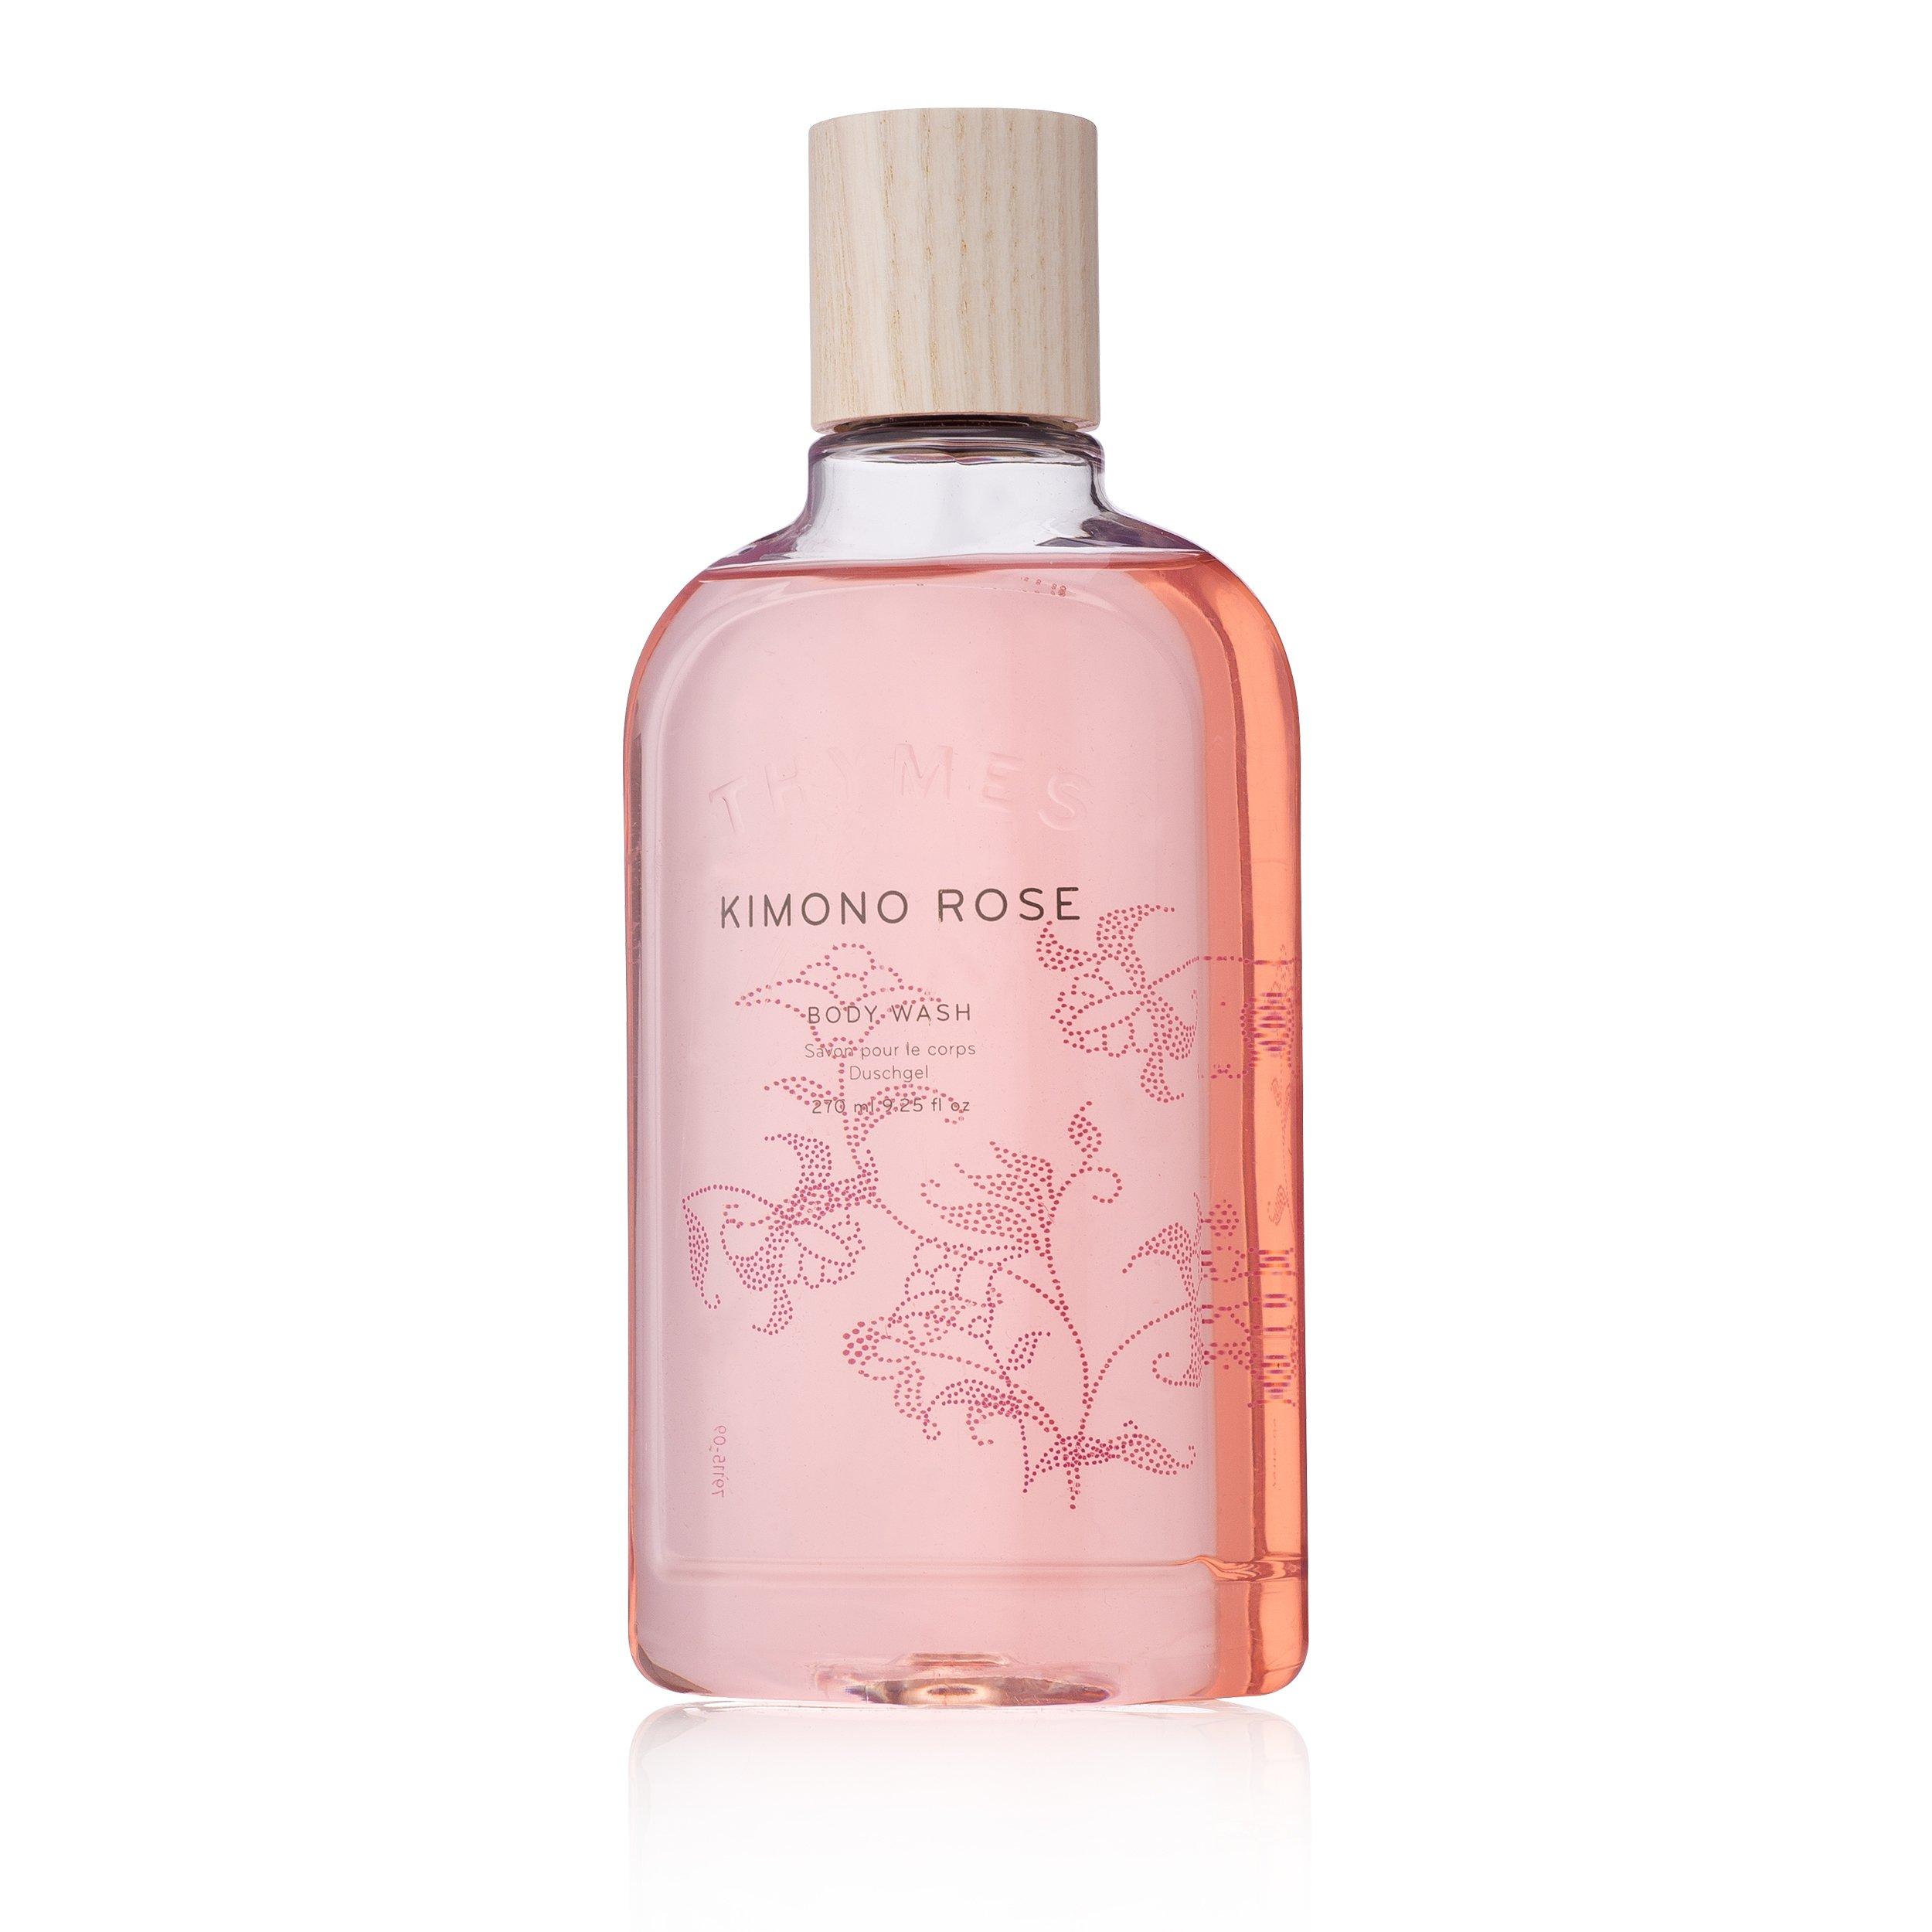 Thymes Body Wash - 9.25 Fl Oz - Kimono Rose